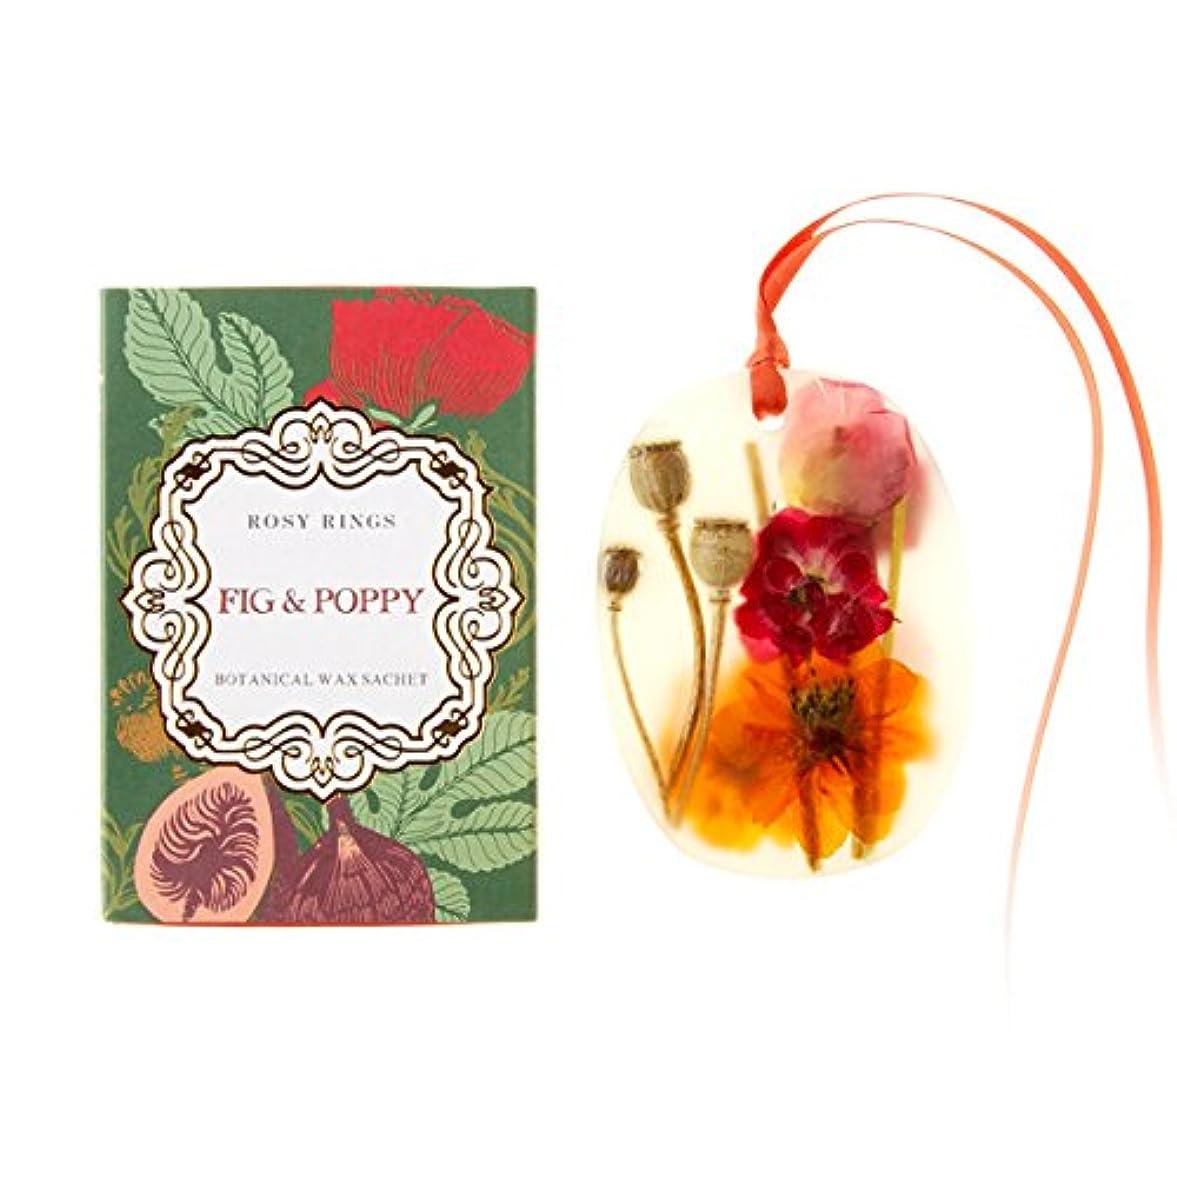 ウェイド対人クライマックスロージーリングス プティボタニカルサシェ フィグ&ポピー ROSY RINGS Petite Oval Botanical Wax Sachet Fig & Poppy